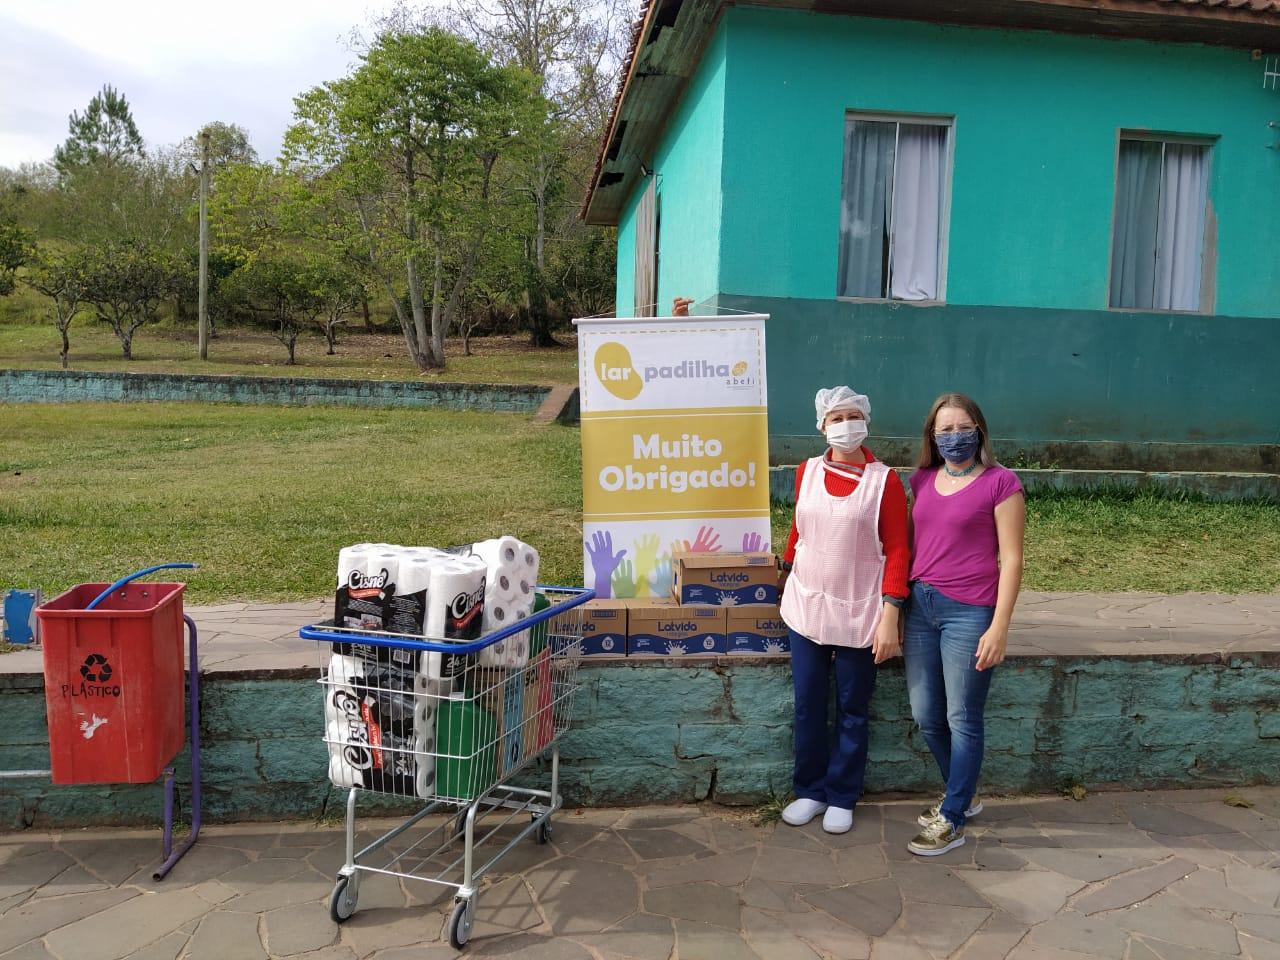 Vitrine do Bem: 'Die Liebe' beneficia Lar Padilha e hospital com doações